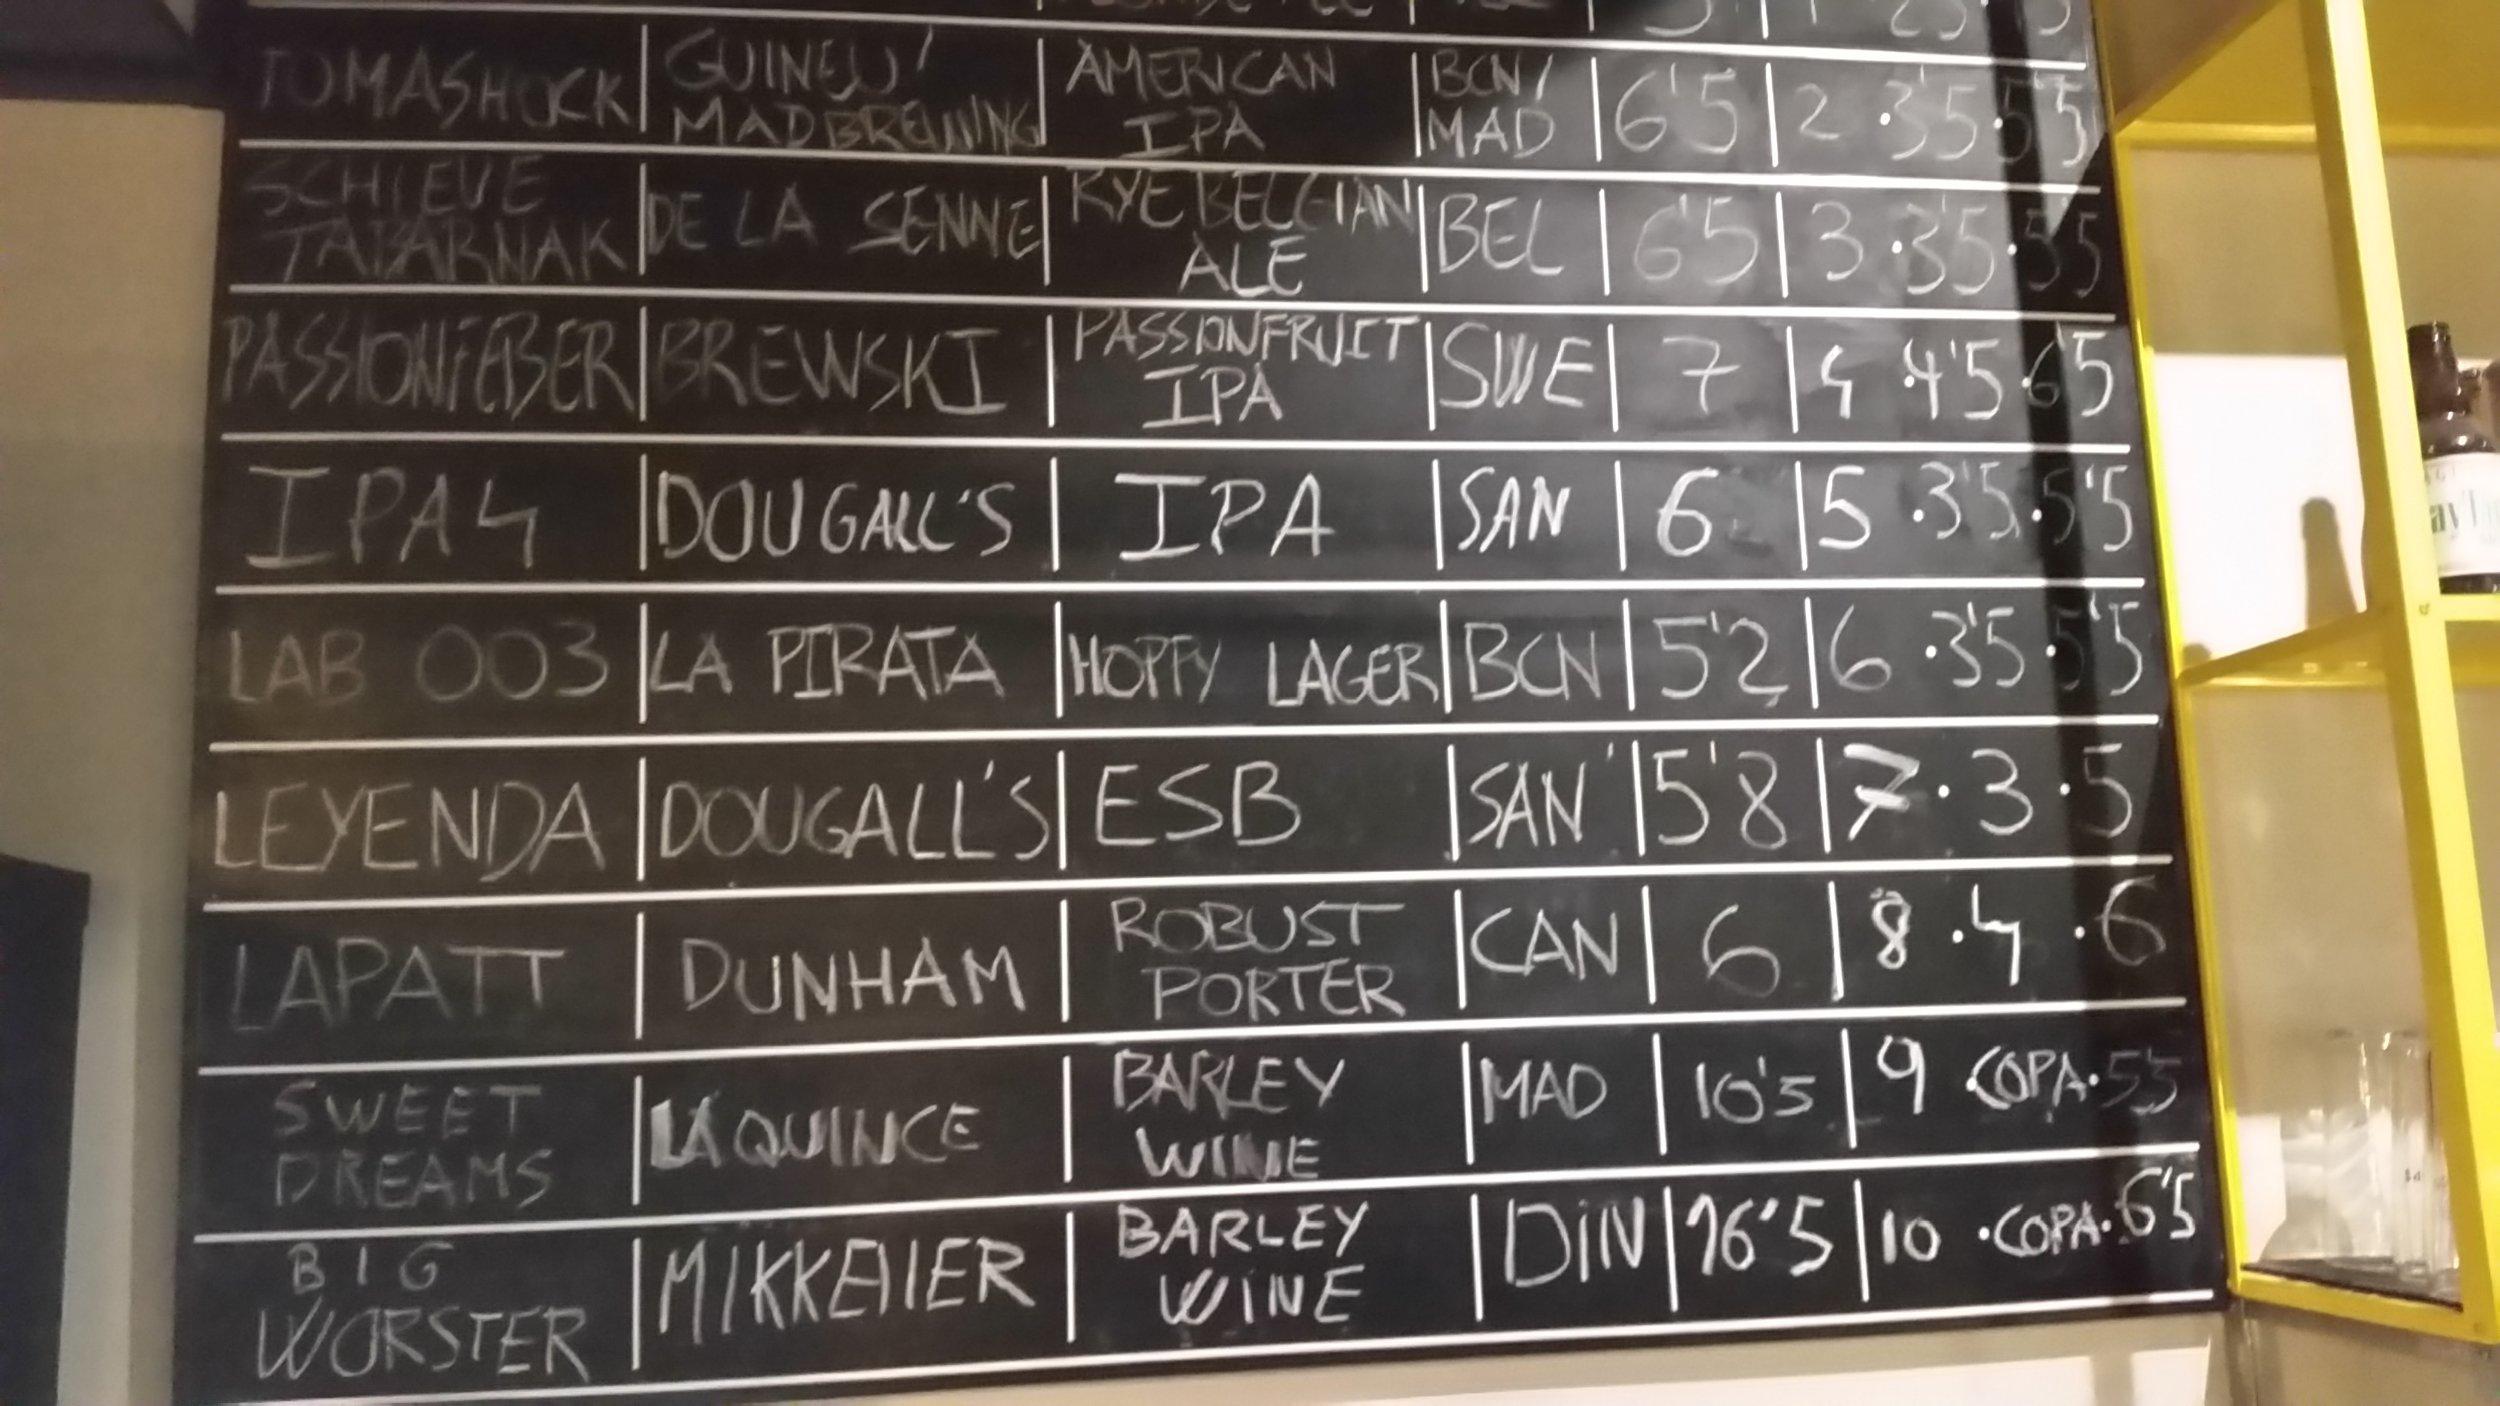 olhops-beers-on-tap